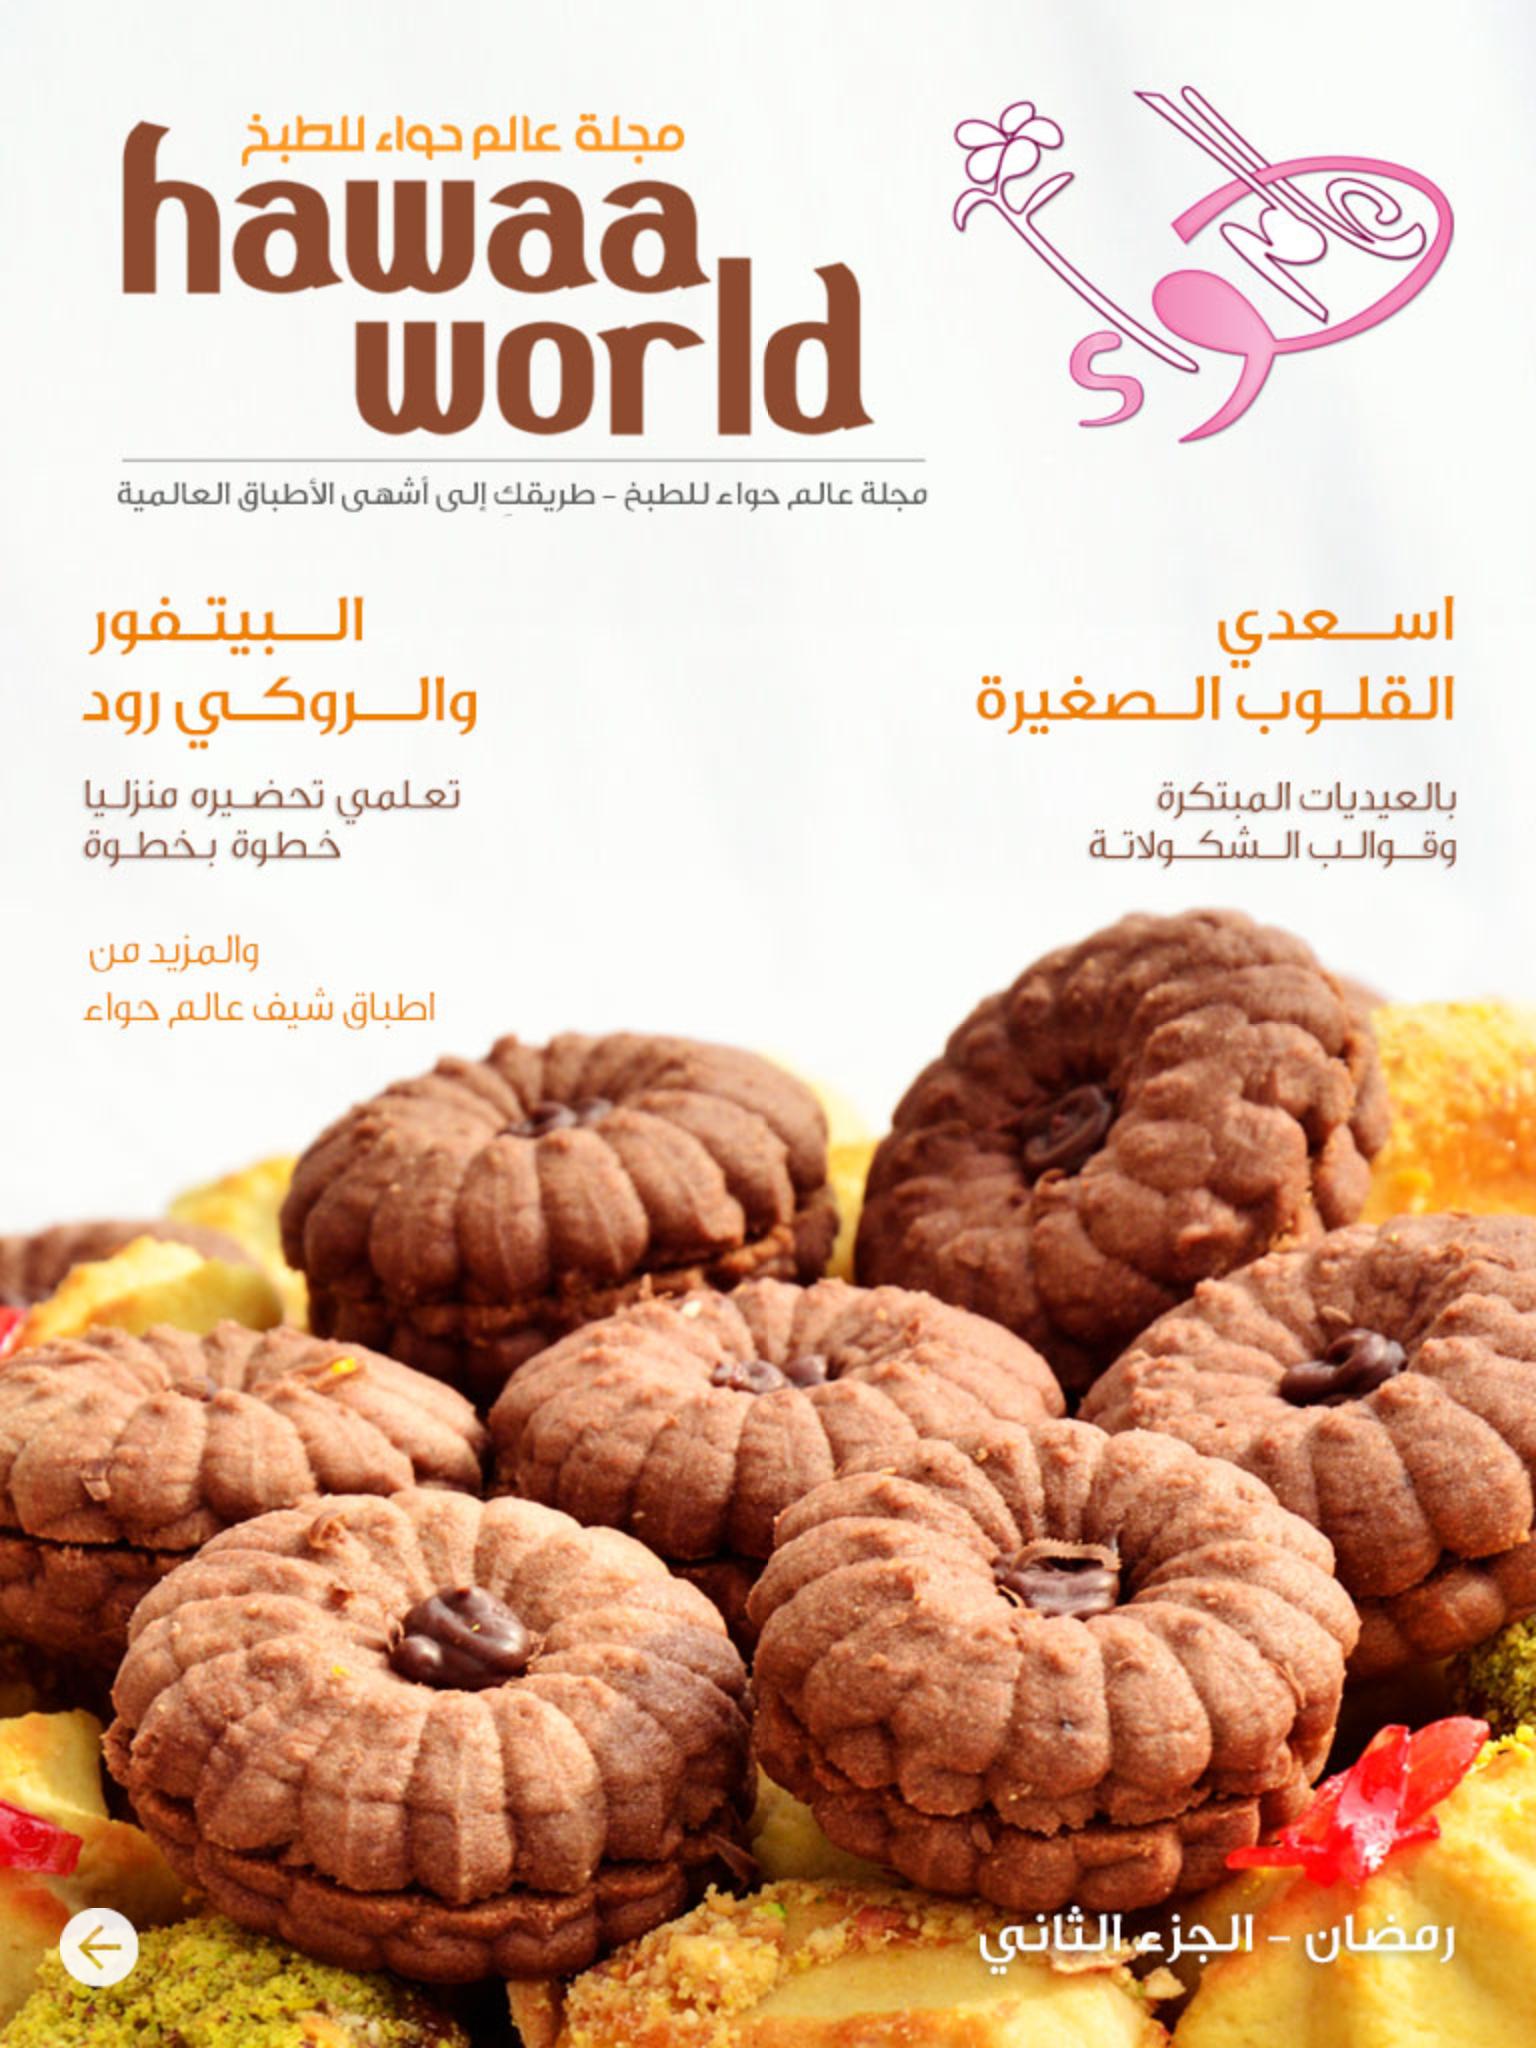 مجلة عالم حواء للطبخ هي مجلة إلكترونية متخصصة تحتوي وصفات لأشهر الأطباق الرئيسية وكافة أصناف الحلويات و المقبلات المختلفة حم لي Food Ale 10 Things